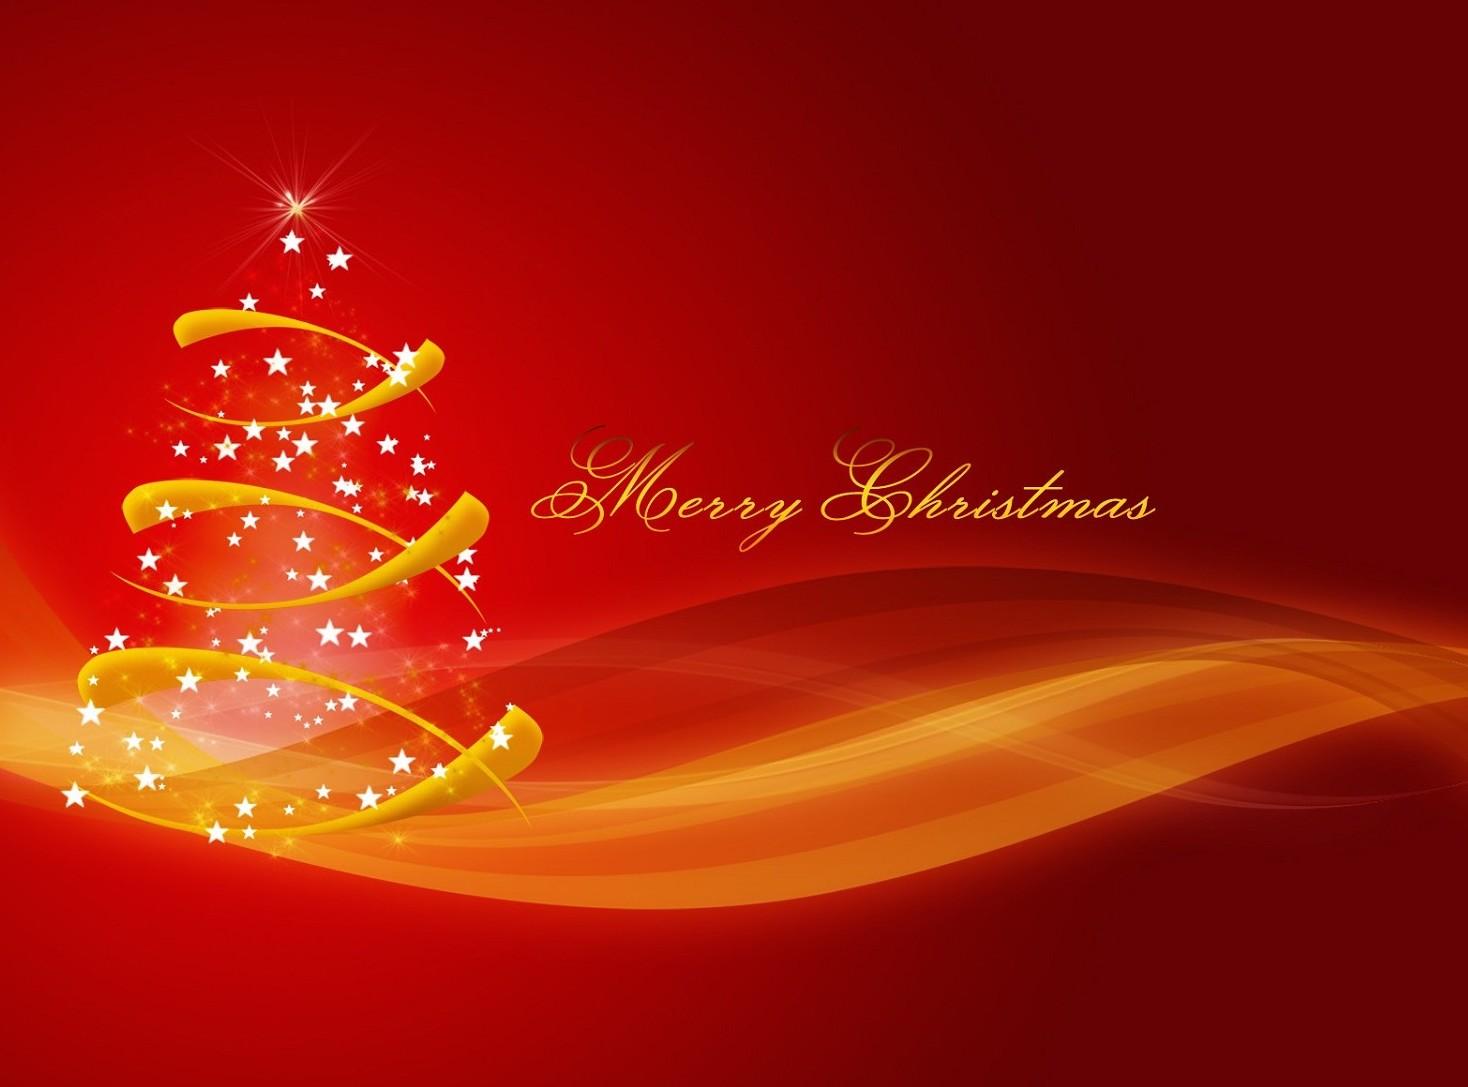 Frasi Auguri Natale Moglie.Auguri Di Natale Frasi Buone Feste Per Amici Amiche Moglie